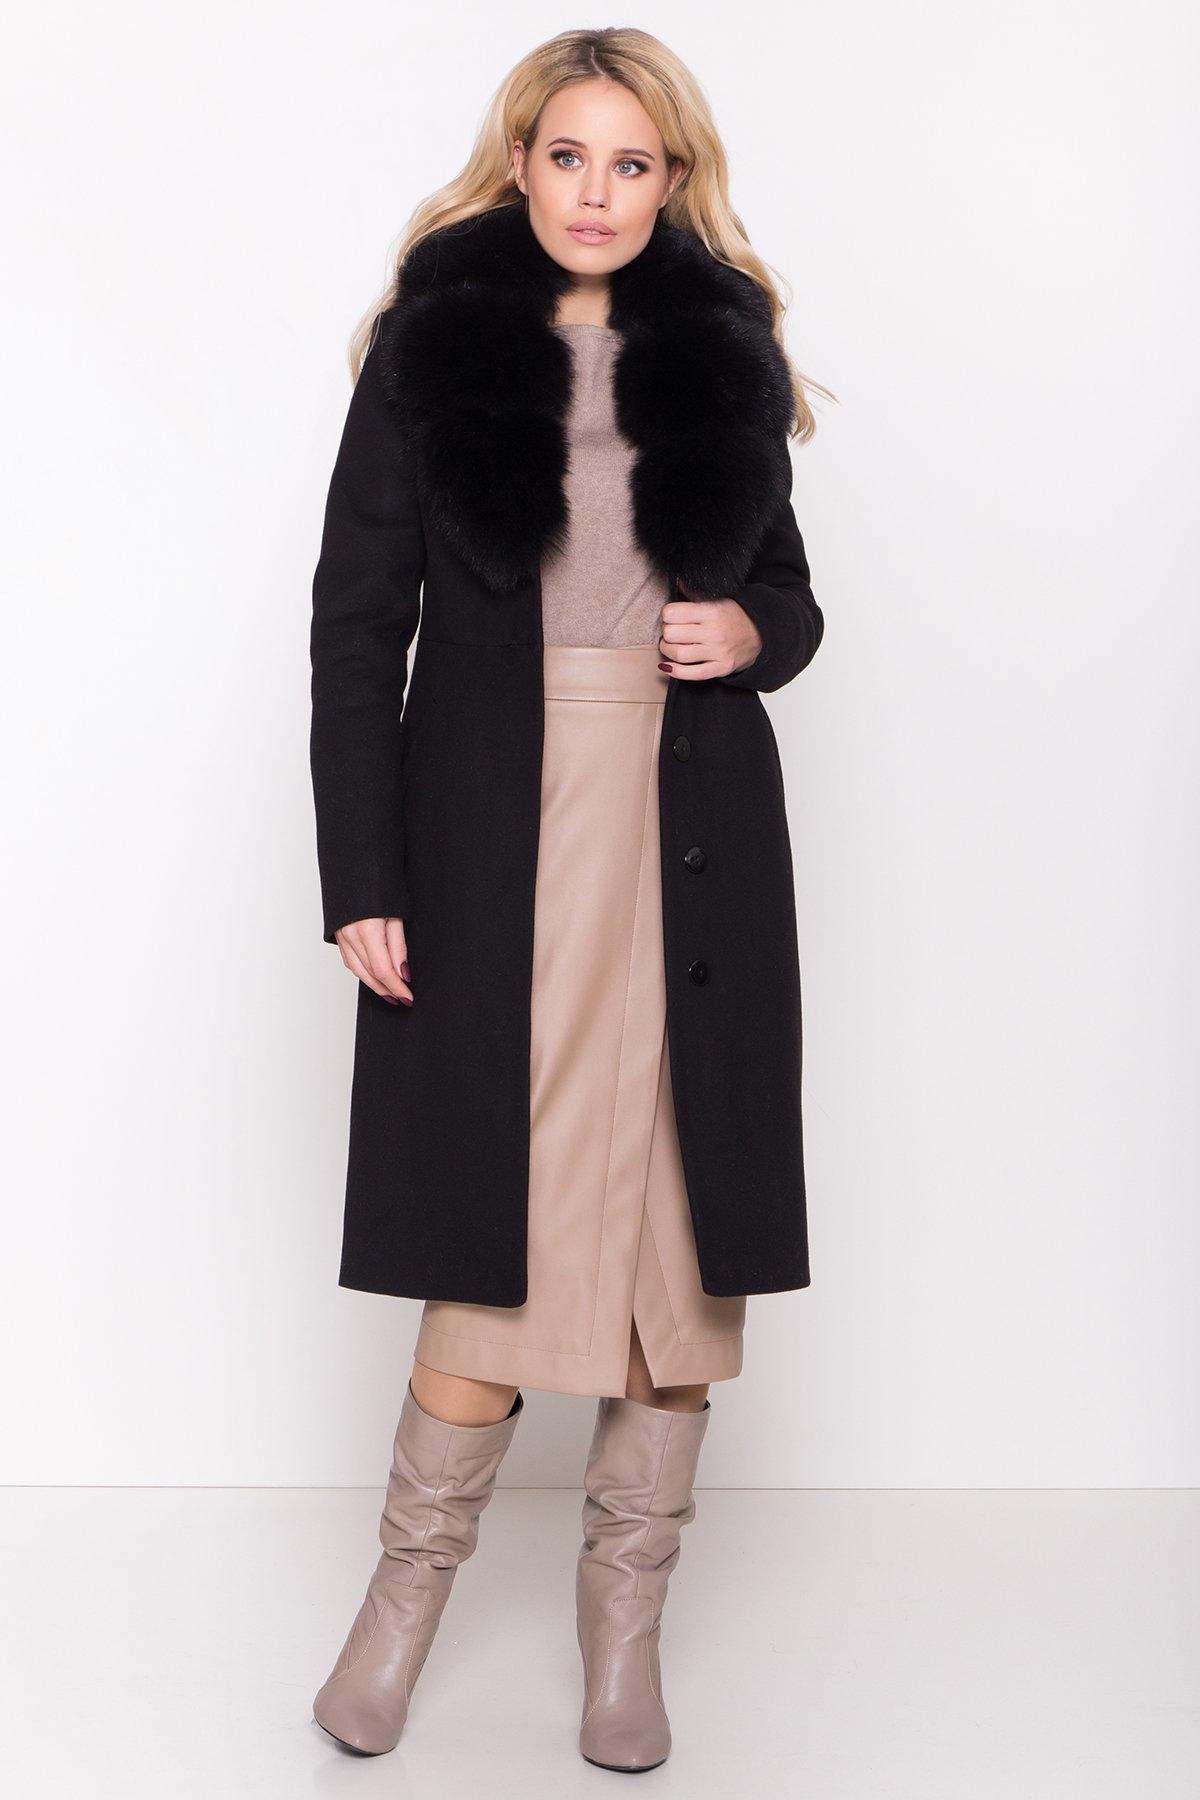 Пальто зима Камила классик 8486 АРТ. 44777 Цвет: Черный Н-1 - фото 2, интернет магазин tm-modus.ru